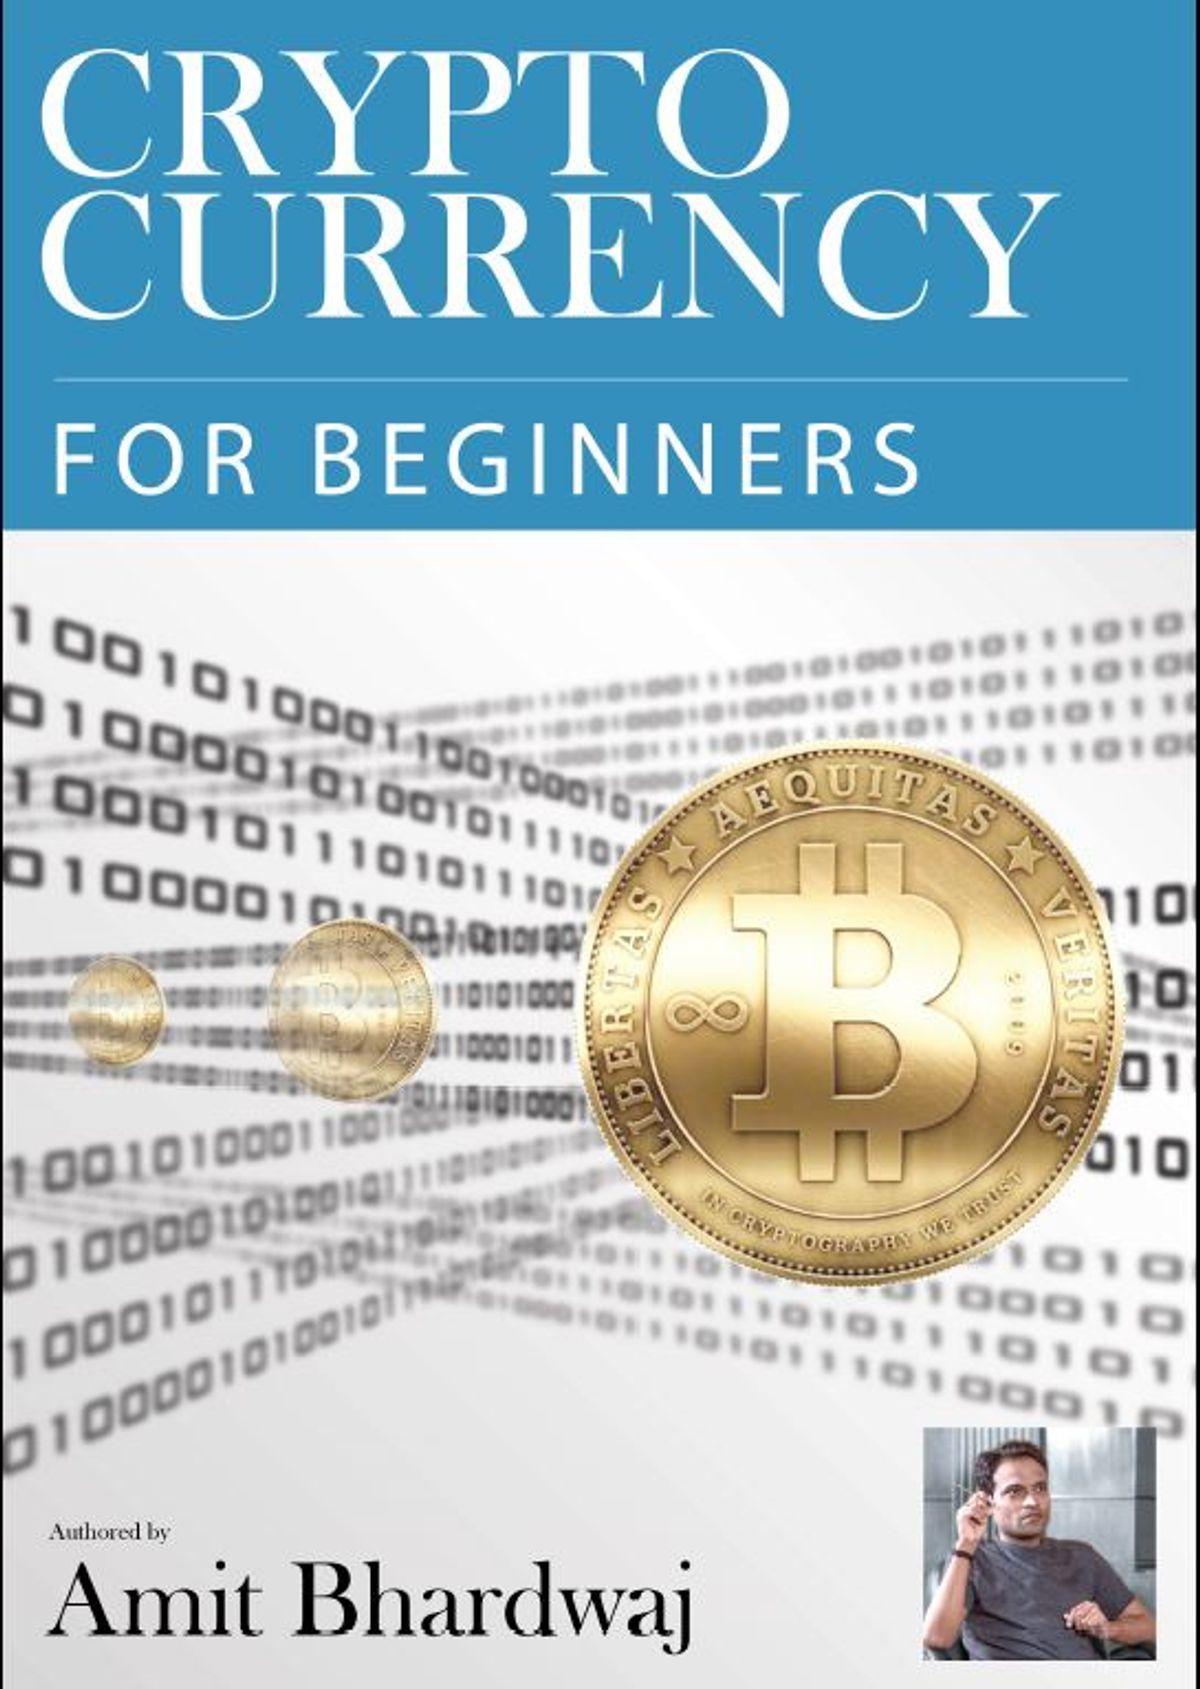 elenco di cryptocurrencies per capitalizzazione di mercato bitcoin commercio di draghi piattaforma den